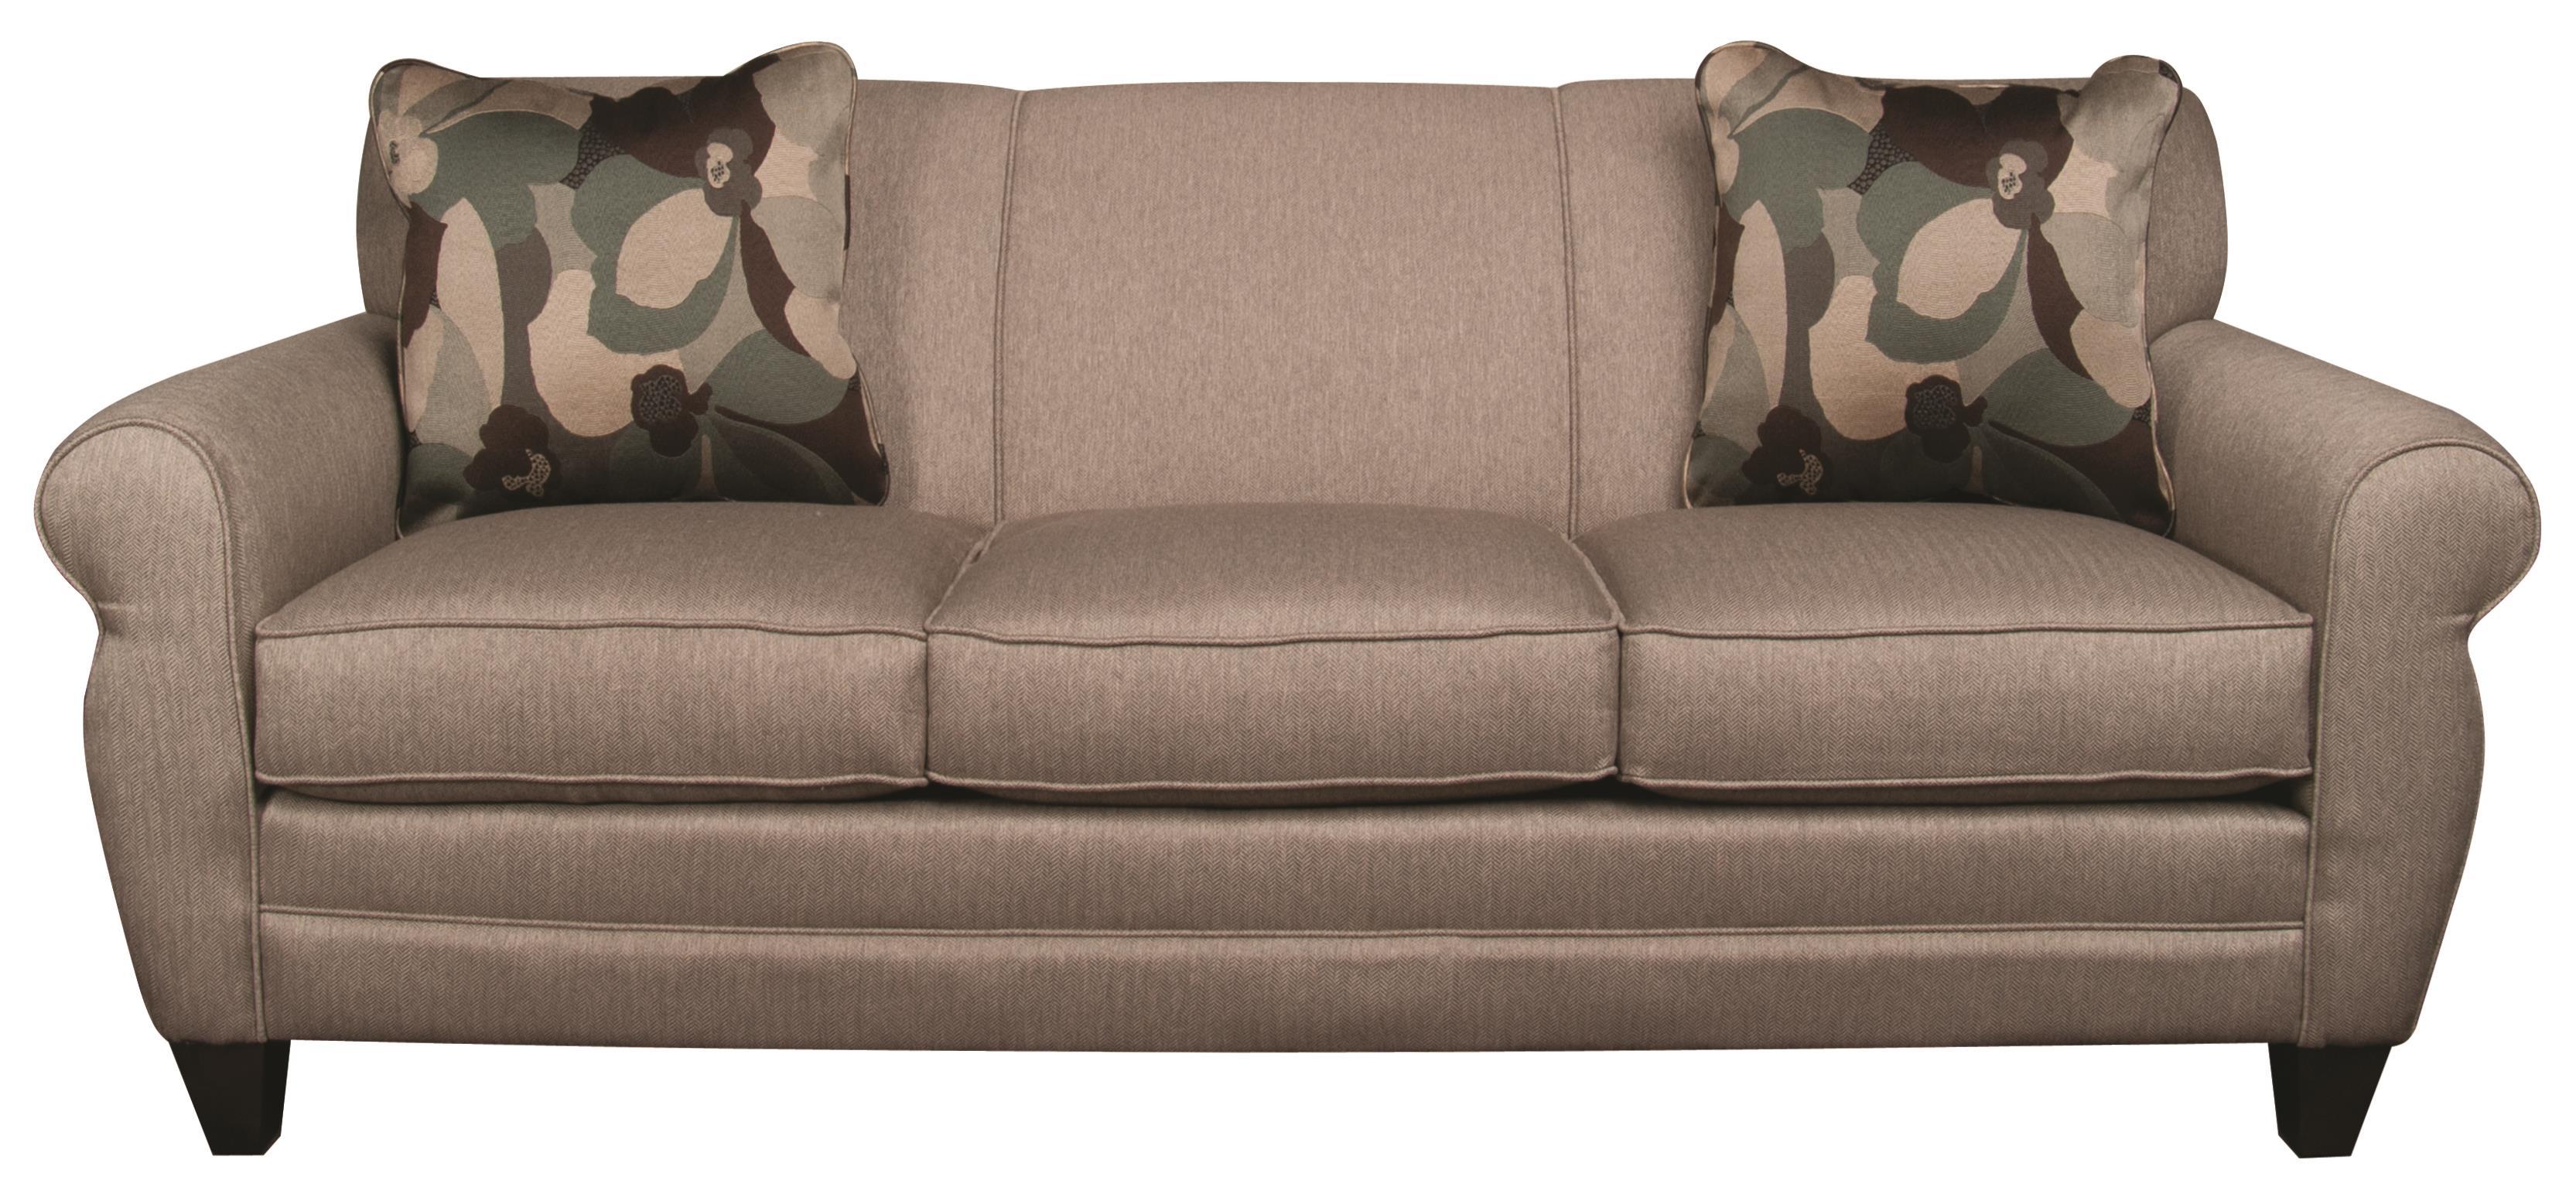 Morris Home Furnishings Brenda Brenda Sofa - Item Number: 204274483